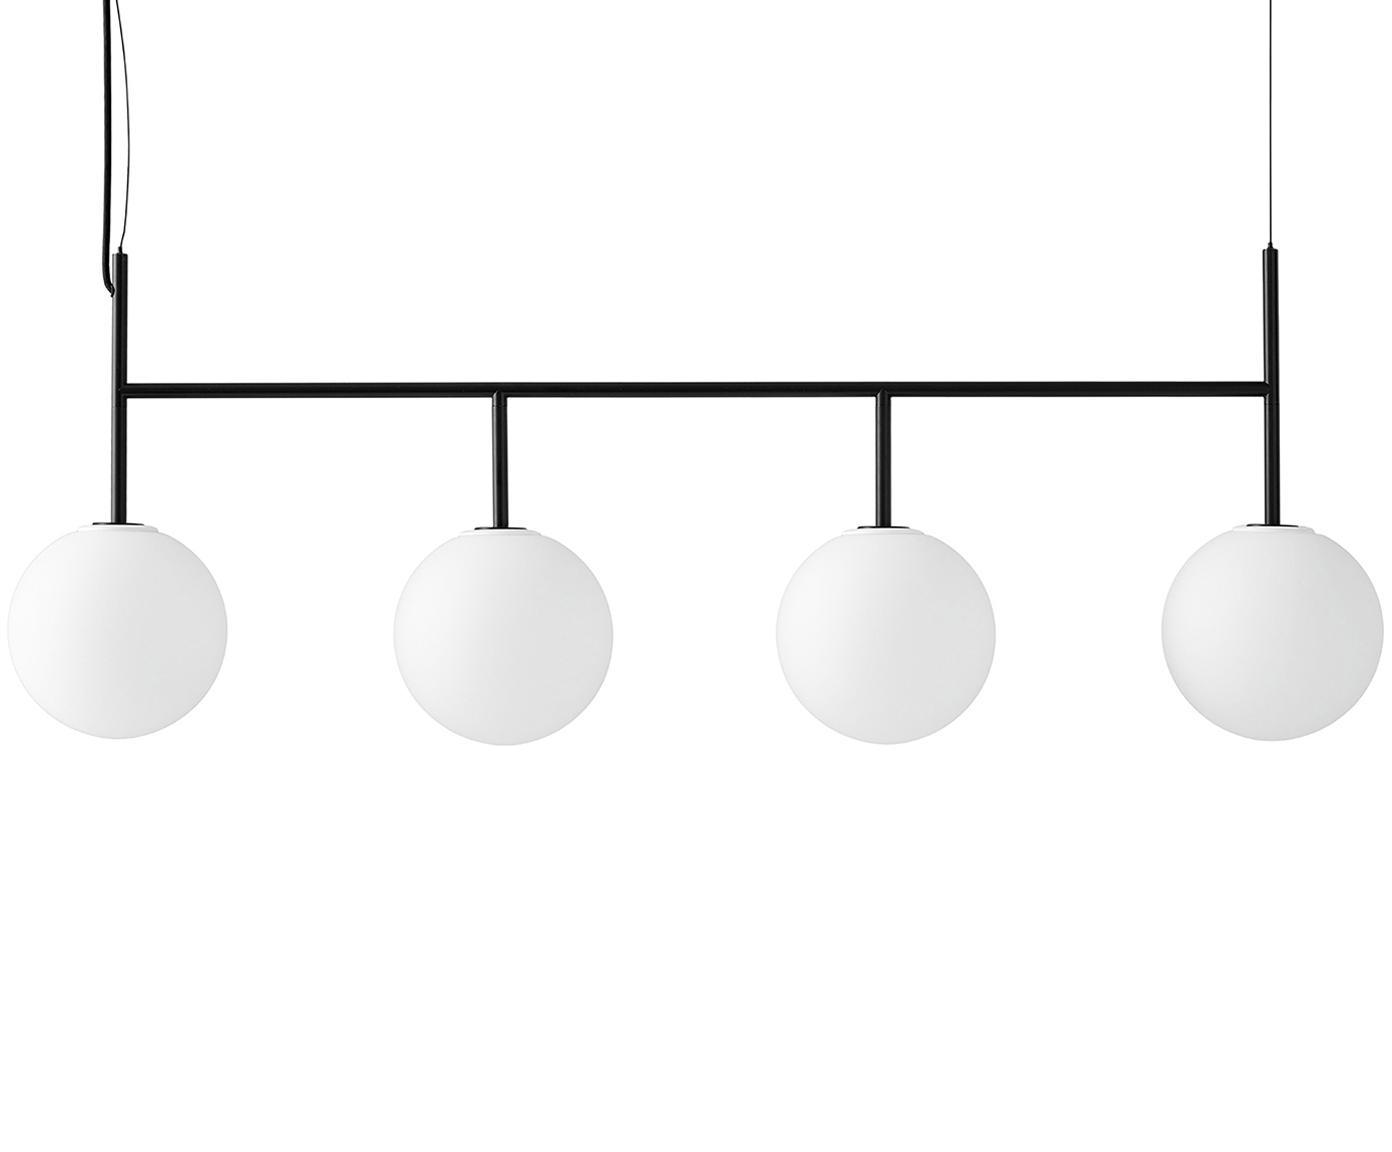 Große LED Pendelleuchte TR Bulb aus Opalglas, Lampenschirm: Opalglas, Weiß, Schwarz, 125 x 45 cm